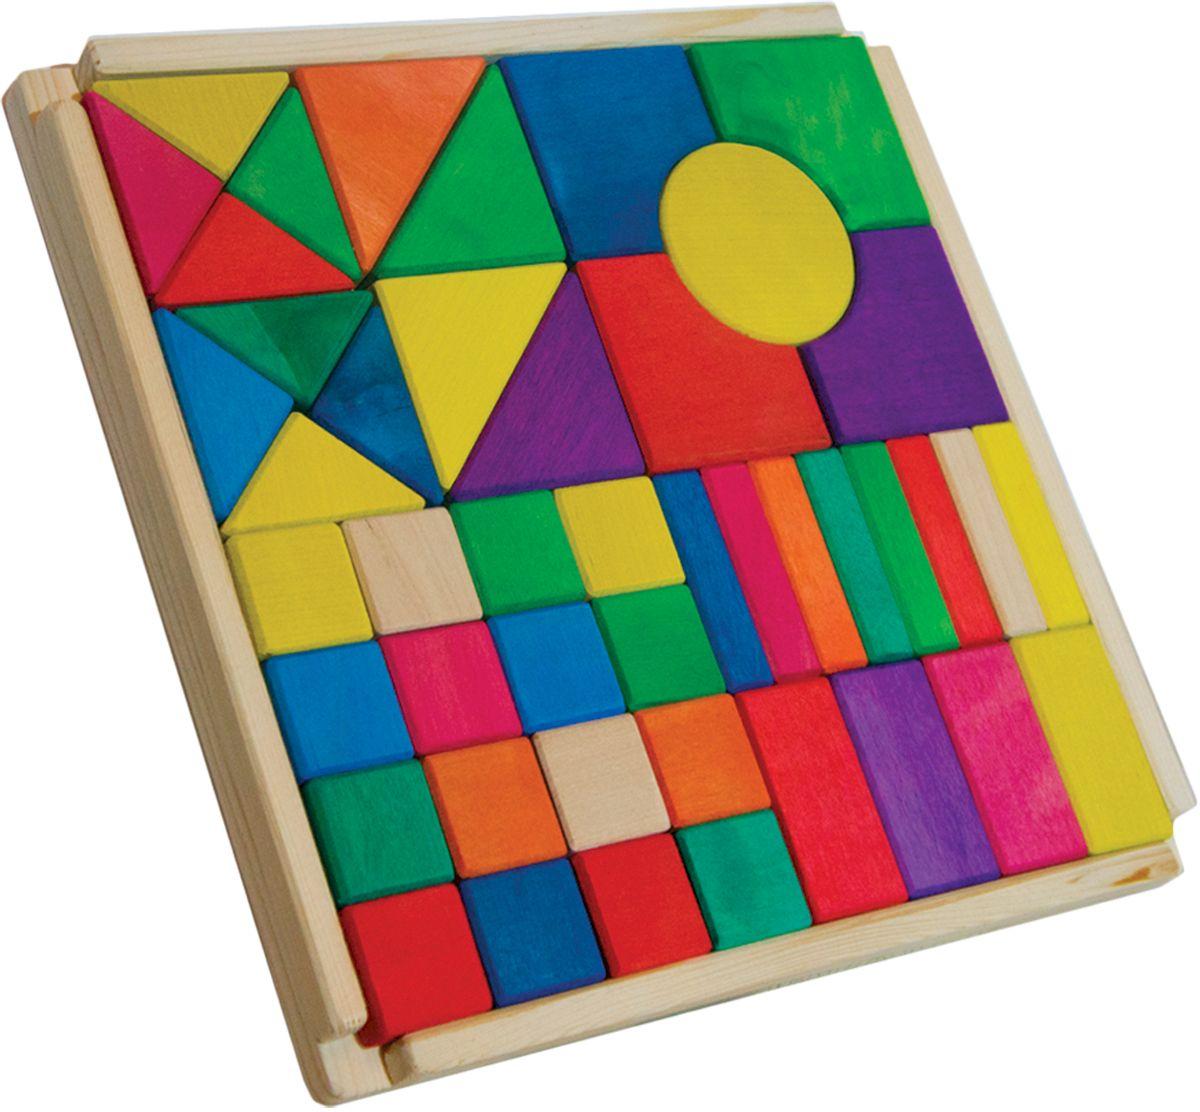 Деревяшкино Кубики строительные 1,5 см124Развивающая деревянная головоломка-конструктор (средней степени сложности) подходит для мальчиков и девочек в возрасте от 3лет, состоит из 45 деталей. Можно раскладывать фигуры в заданной последовательности: круг, треугольник, квадрат; составлять объемные башенки из брусков, плоские картинки из кругов или квадратов разного размера, елки — из треугольников. Собирать фигуры одного цвета или одного размера. Дети знакомятся с названиями, характерными признаками и формой геометрических фигур. Развивают координацию, фантазию, пространственное мышление, обучают элементарным вещам: почему что-то стоит, а что-то падает и т.д. Экологически чистый продукт: изготовлено из массива березы. Игрушка раскрашена пищевой водостойкой краской, что делает взаимодействие с изделием абсолютно безопасным: никаких лаков, «химии» или добавок.